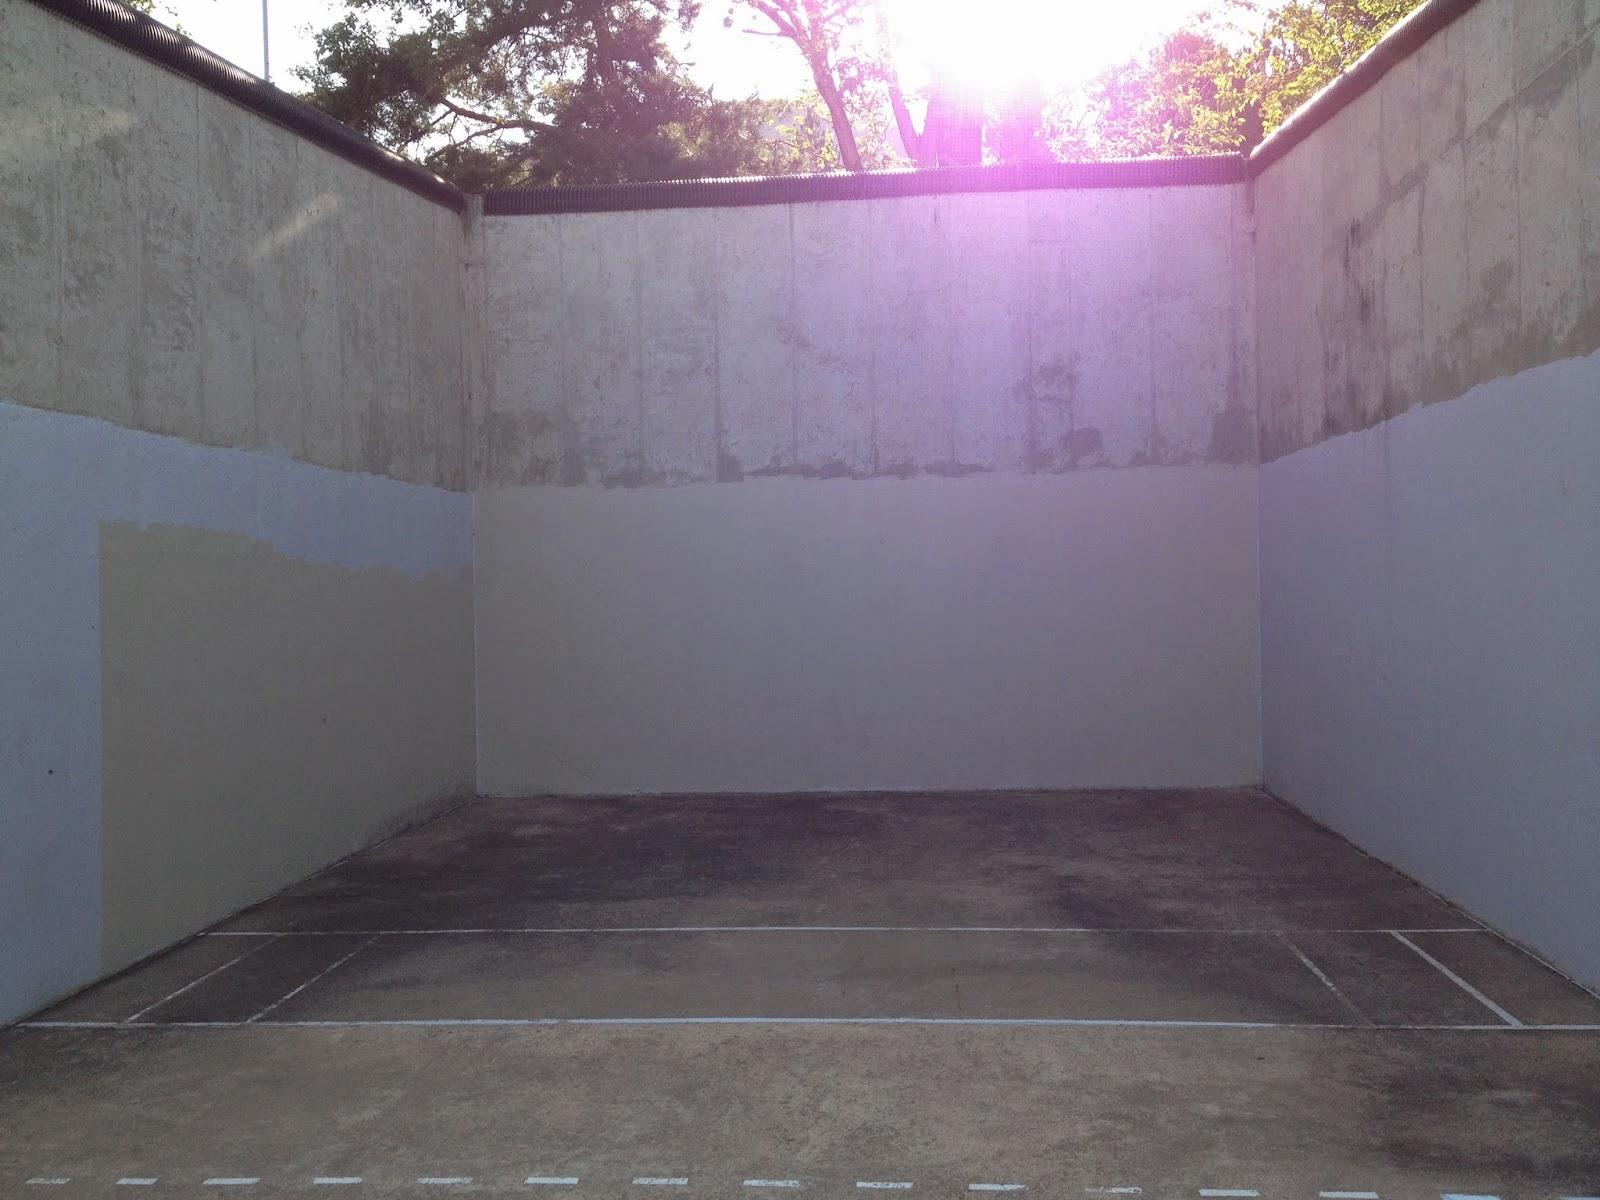 Outdoor squash court